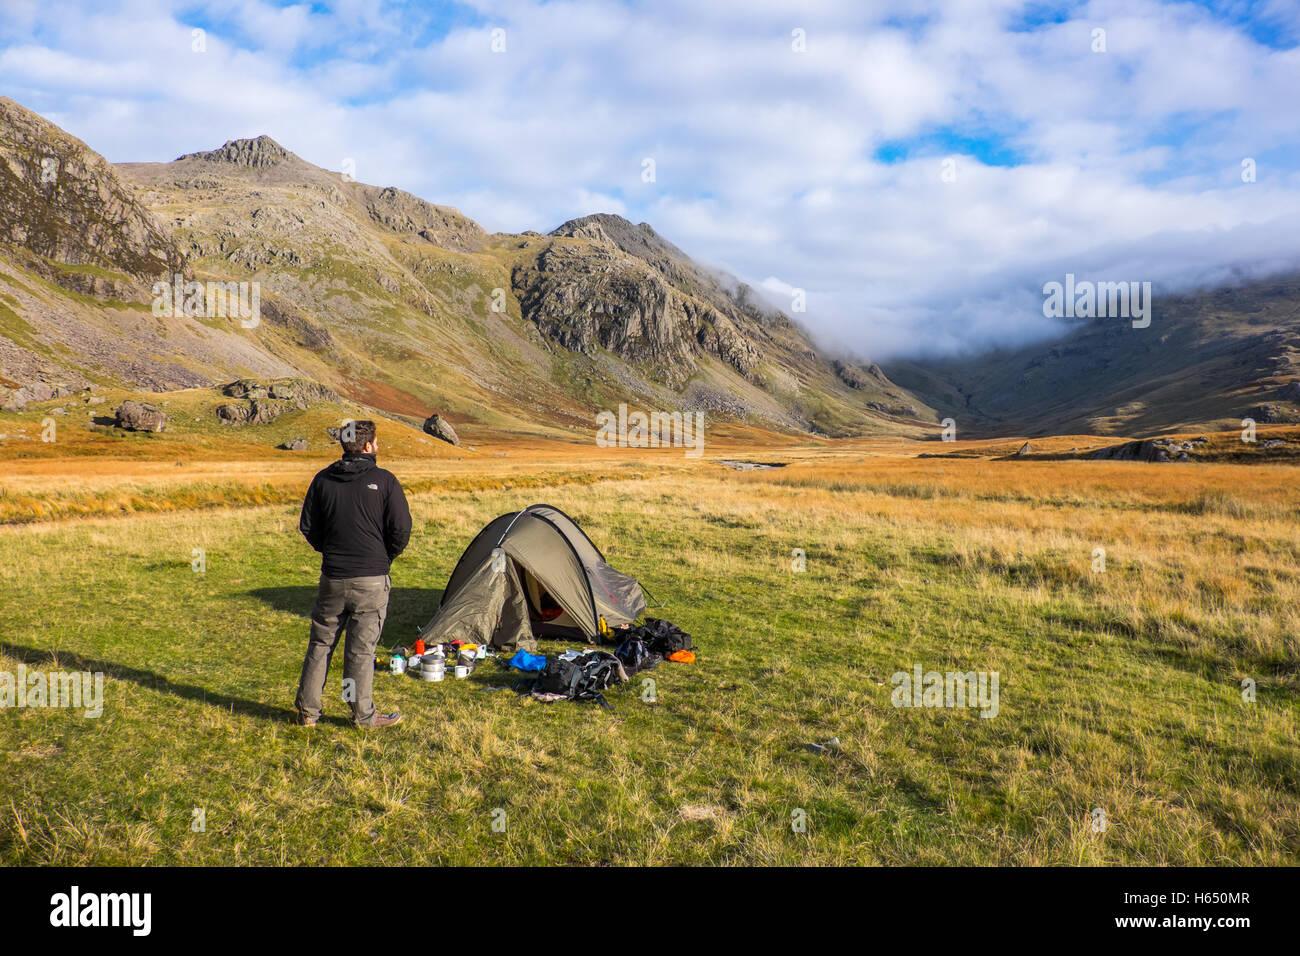 Campeggio selvaggio nella parte superiore della valle Esk nel distretto del lago, un giovane uomo si distingue per Immagini Stock